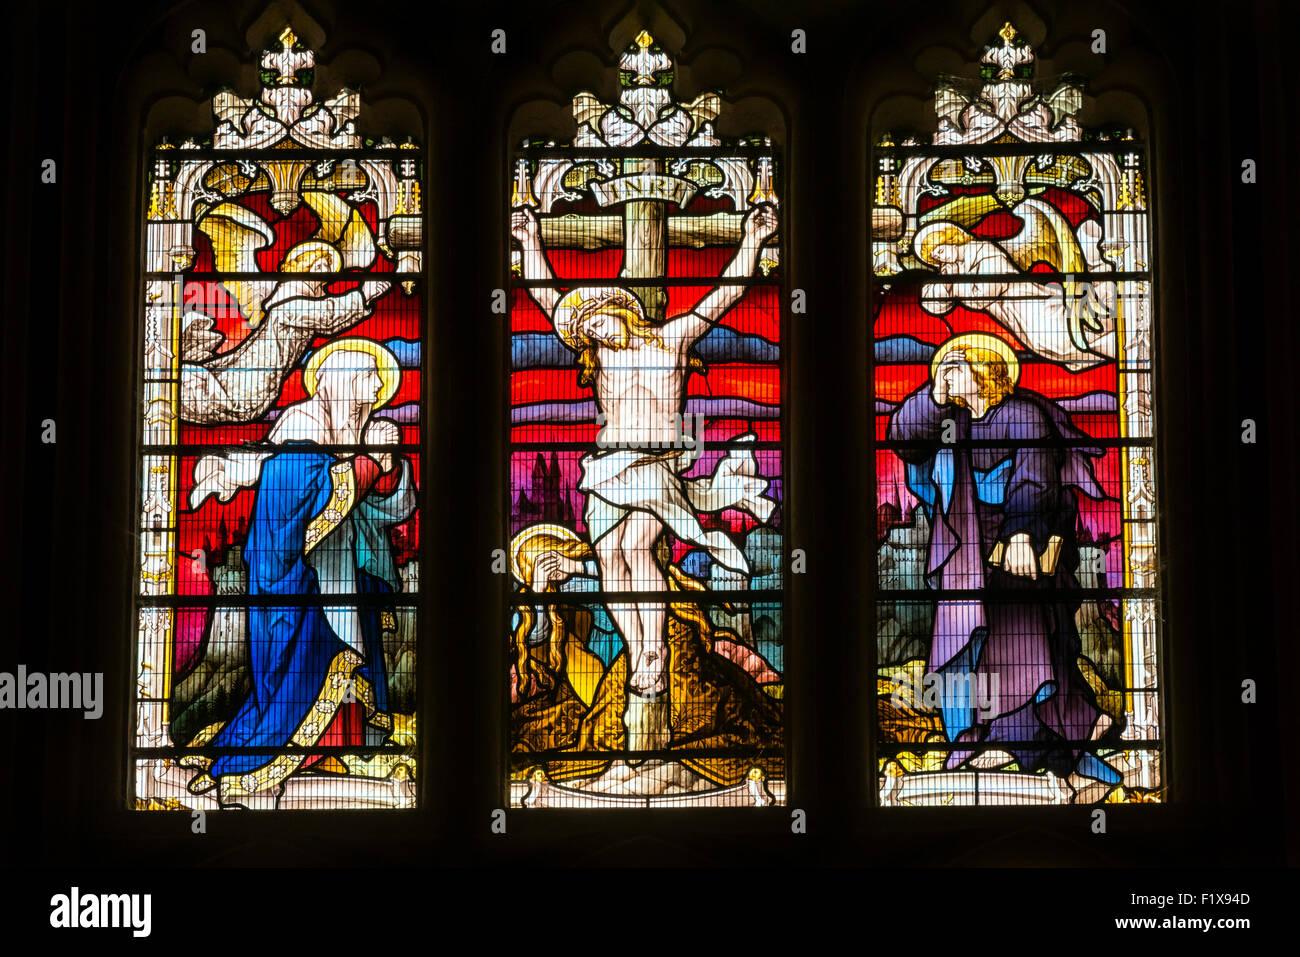 Tewkesbury Abbey Church in vetro colorato, UK. Immagini Stock